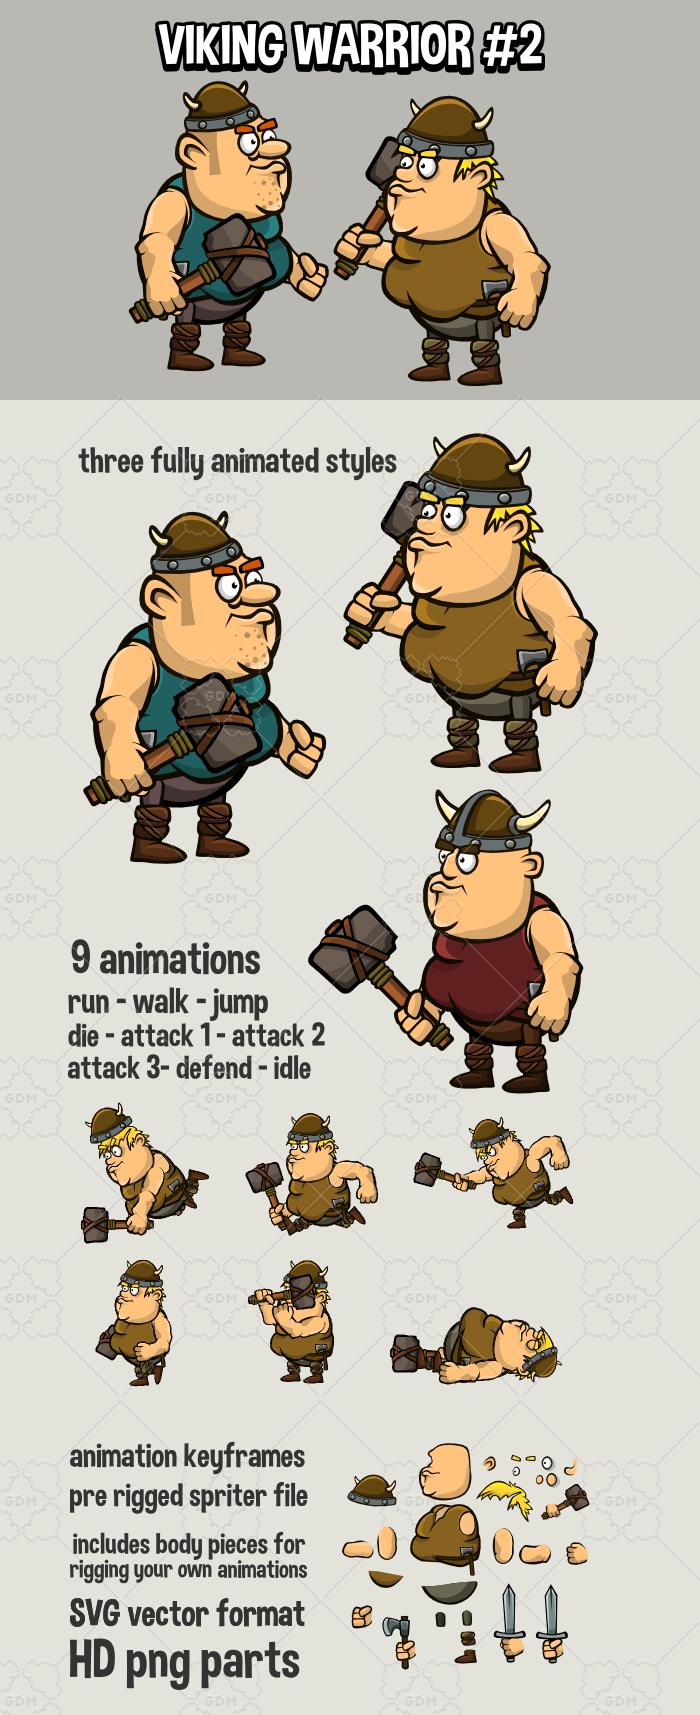 Animated viking warrior 2